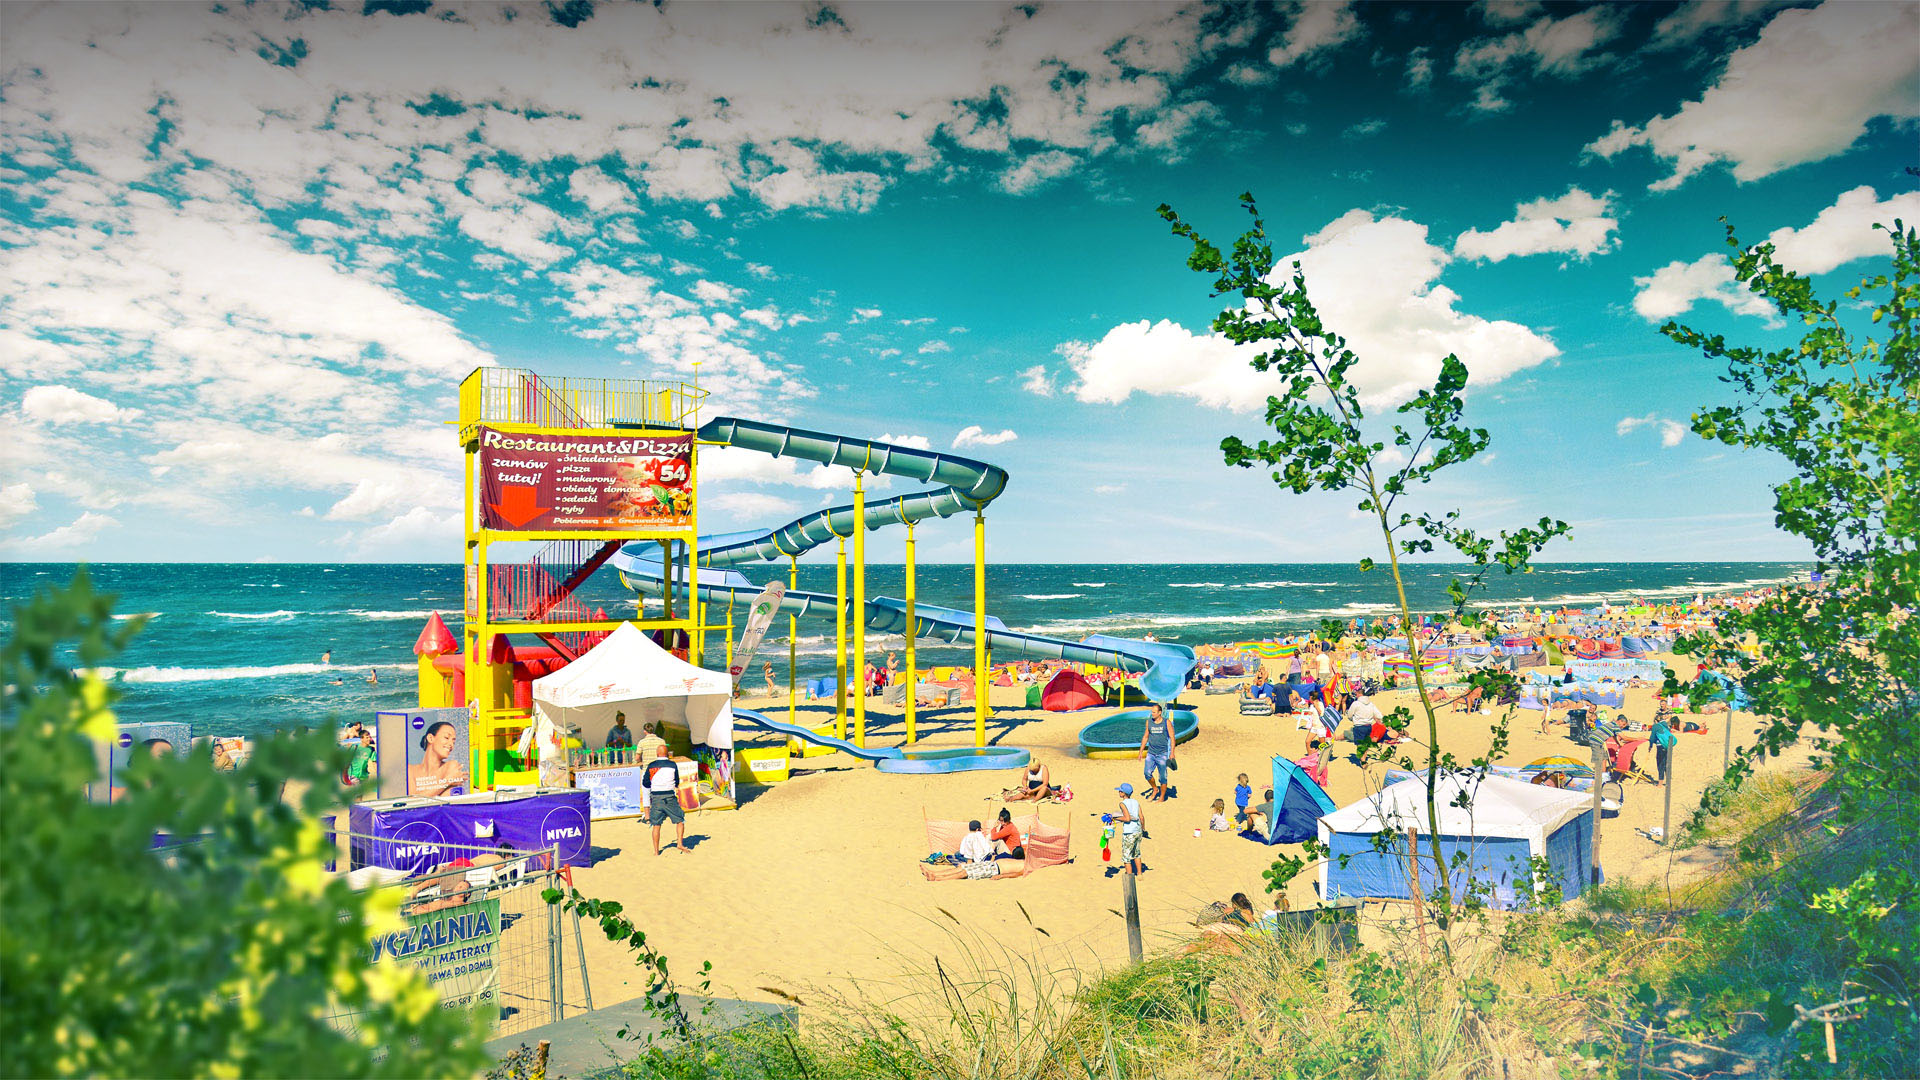 Słoneczny dzień, plaża pełna turystów, zjeżdżalnia wodna.